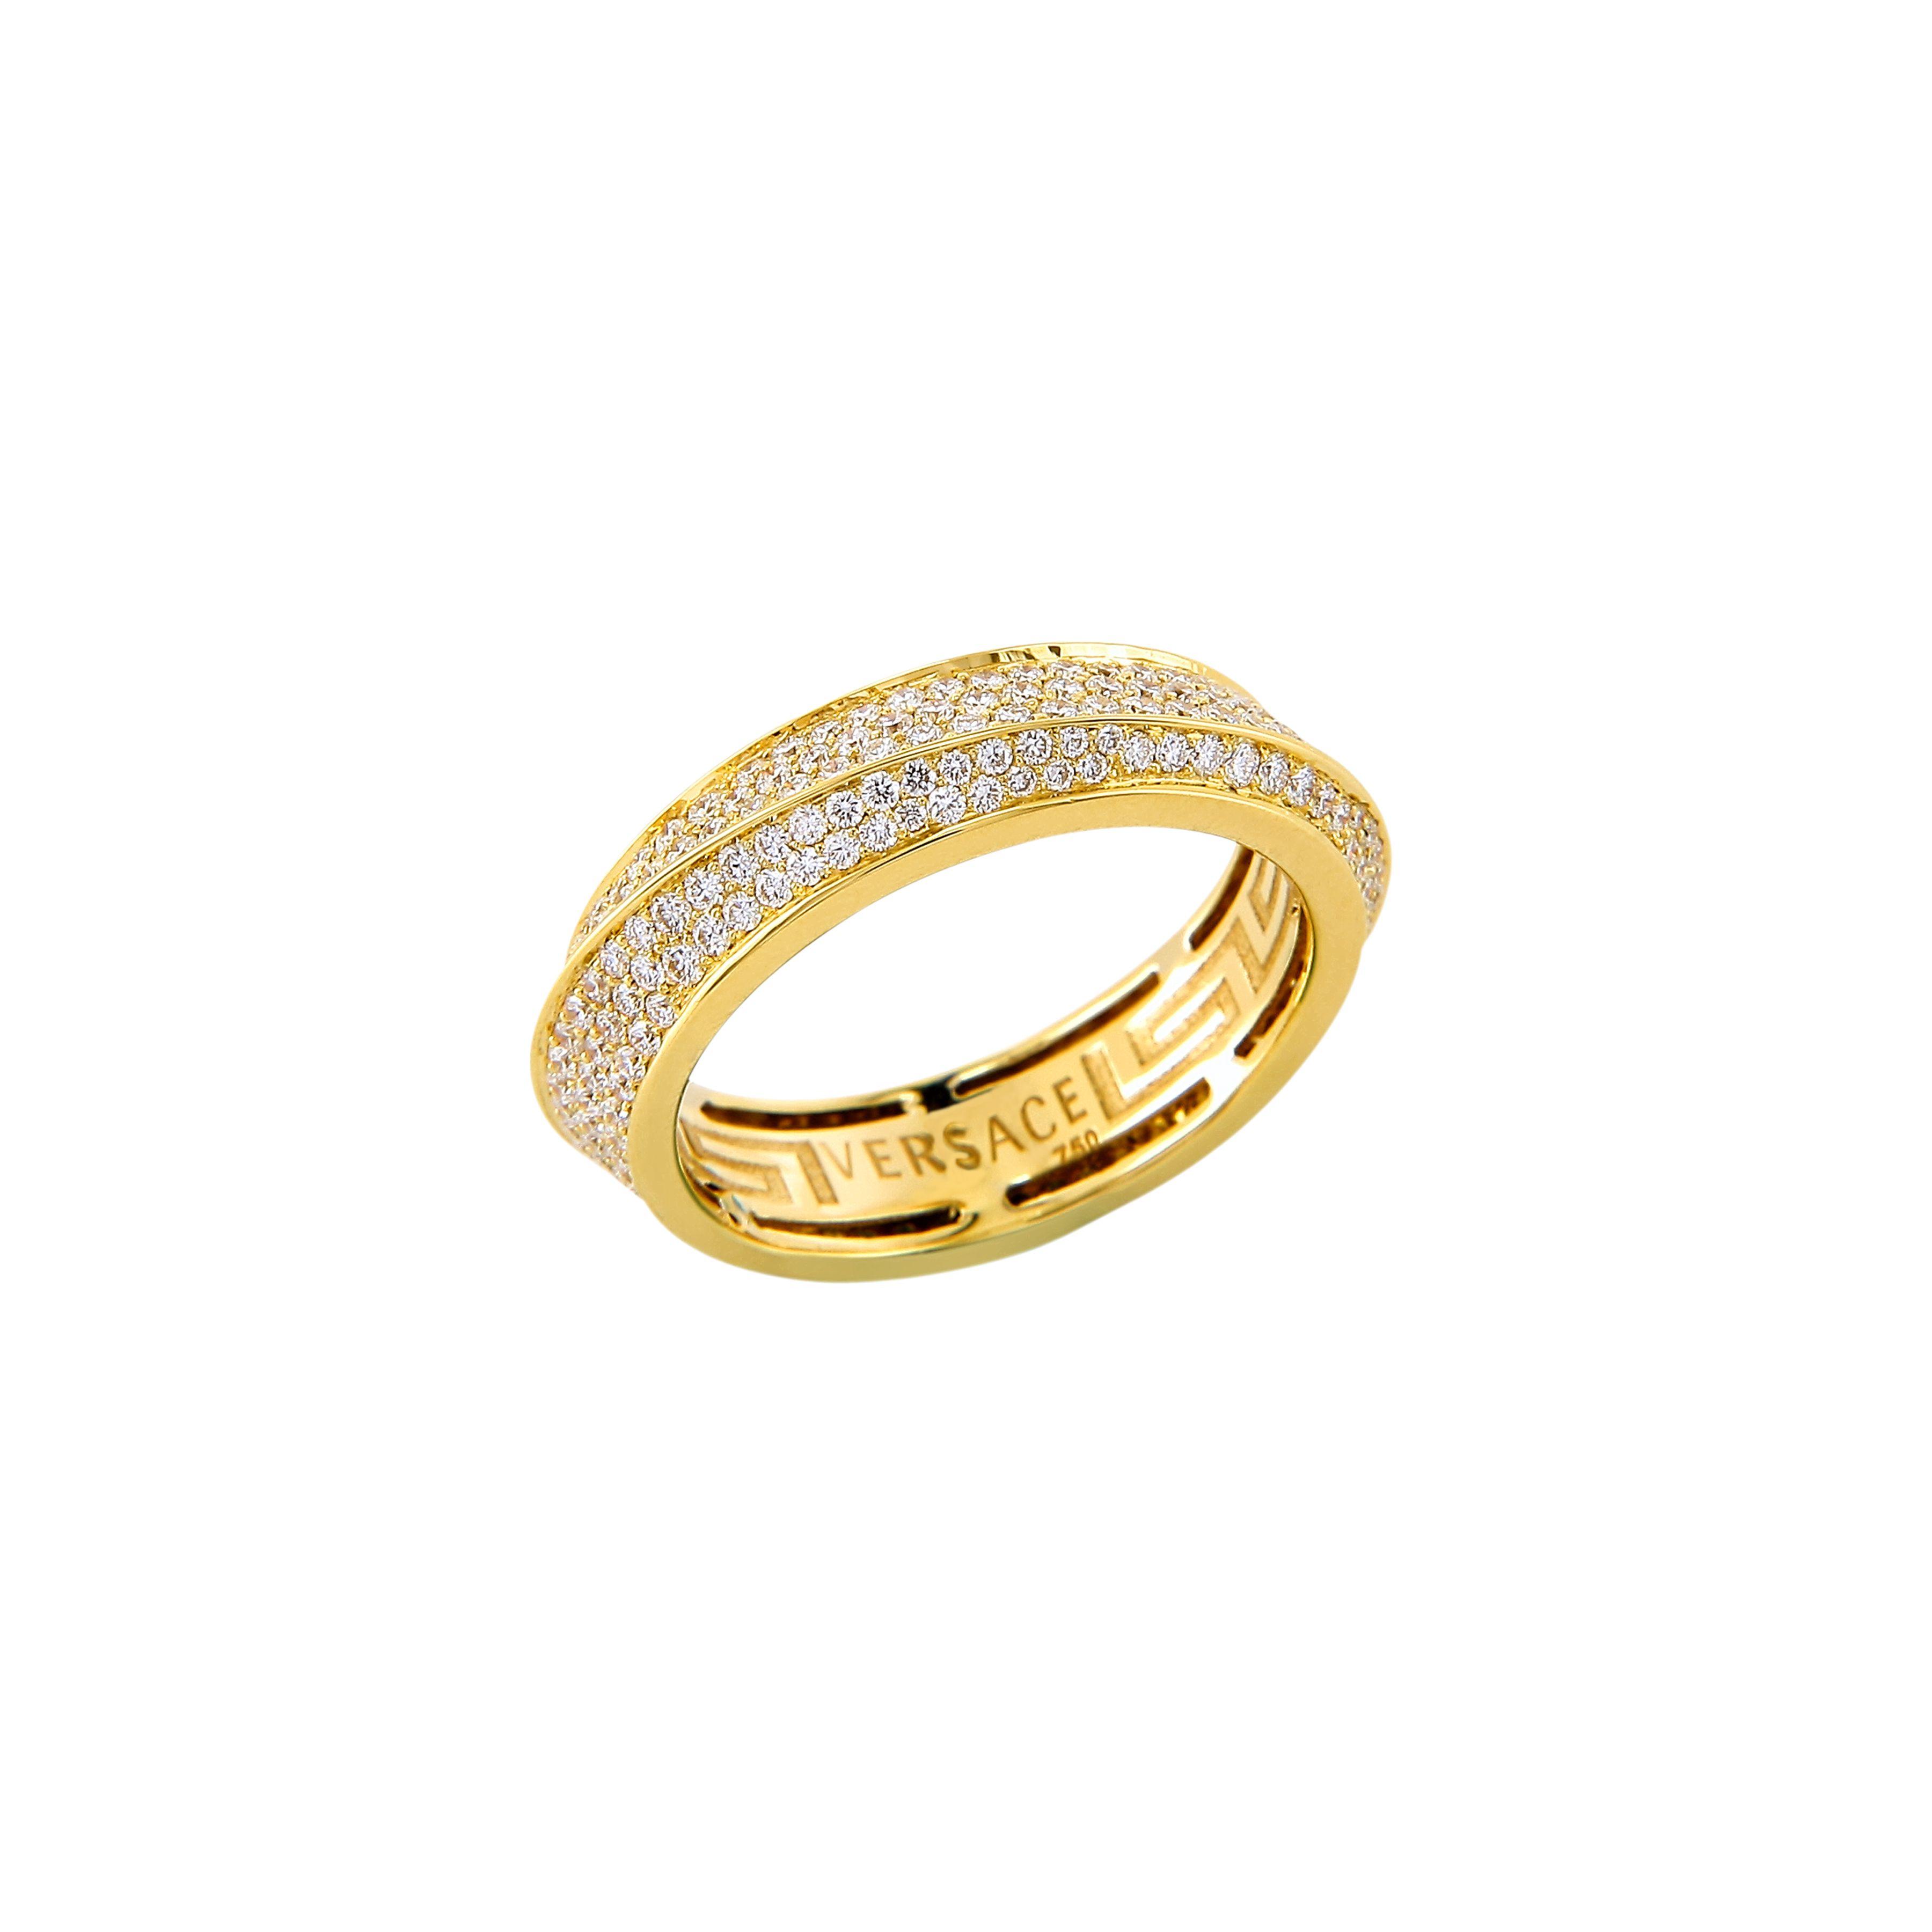 Versace fine jewellery twist ring versacejewellery versace best